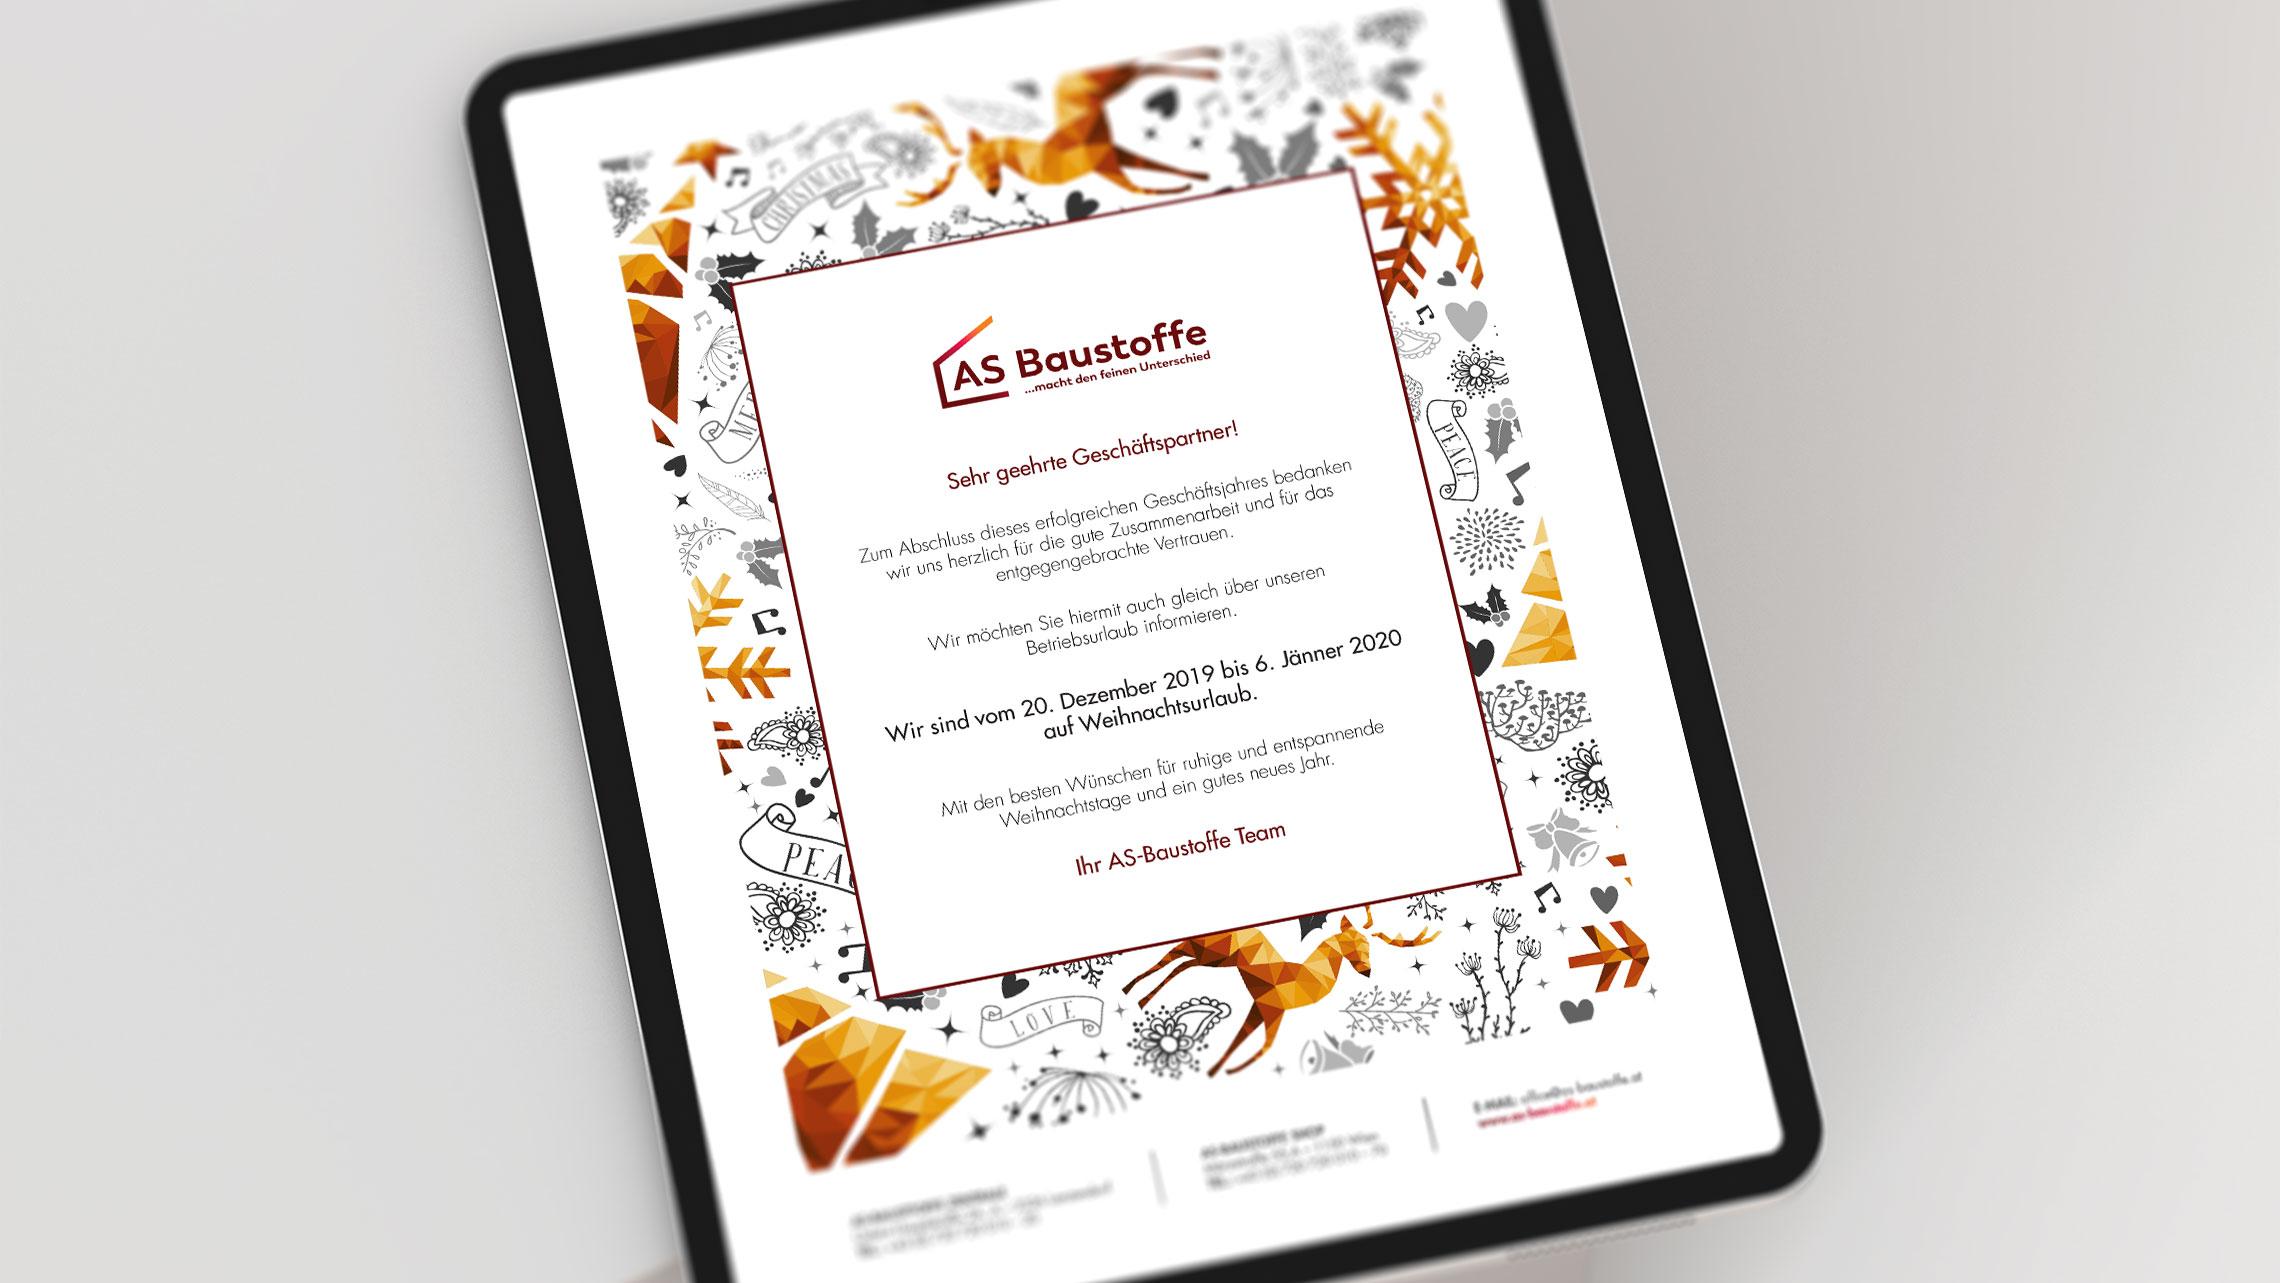 Przykładowa informacyjna kampania e-mail marketingowa dla dla austriackiej marki materiałów budowlanych AS-Baustoffe